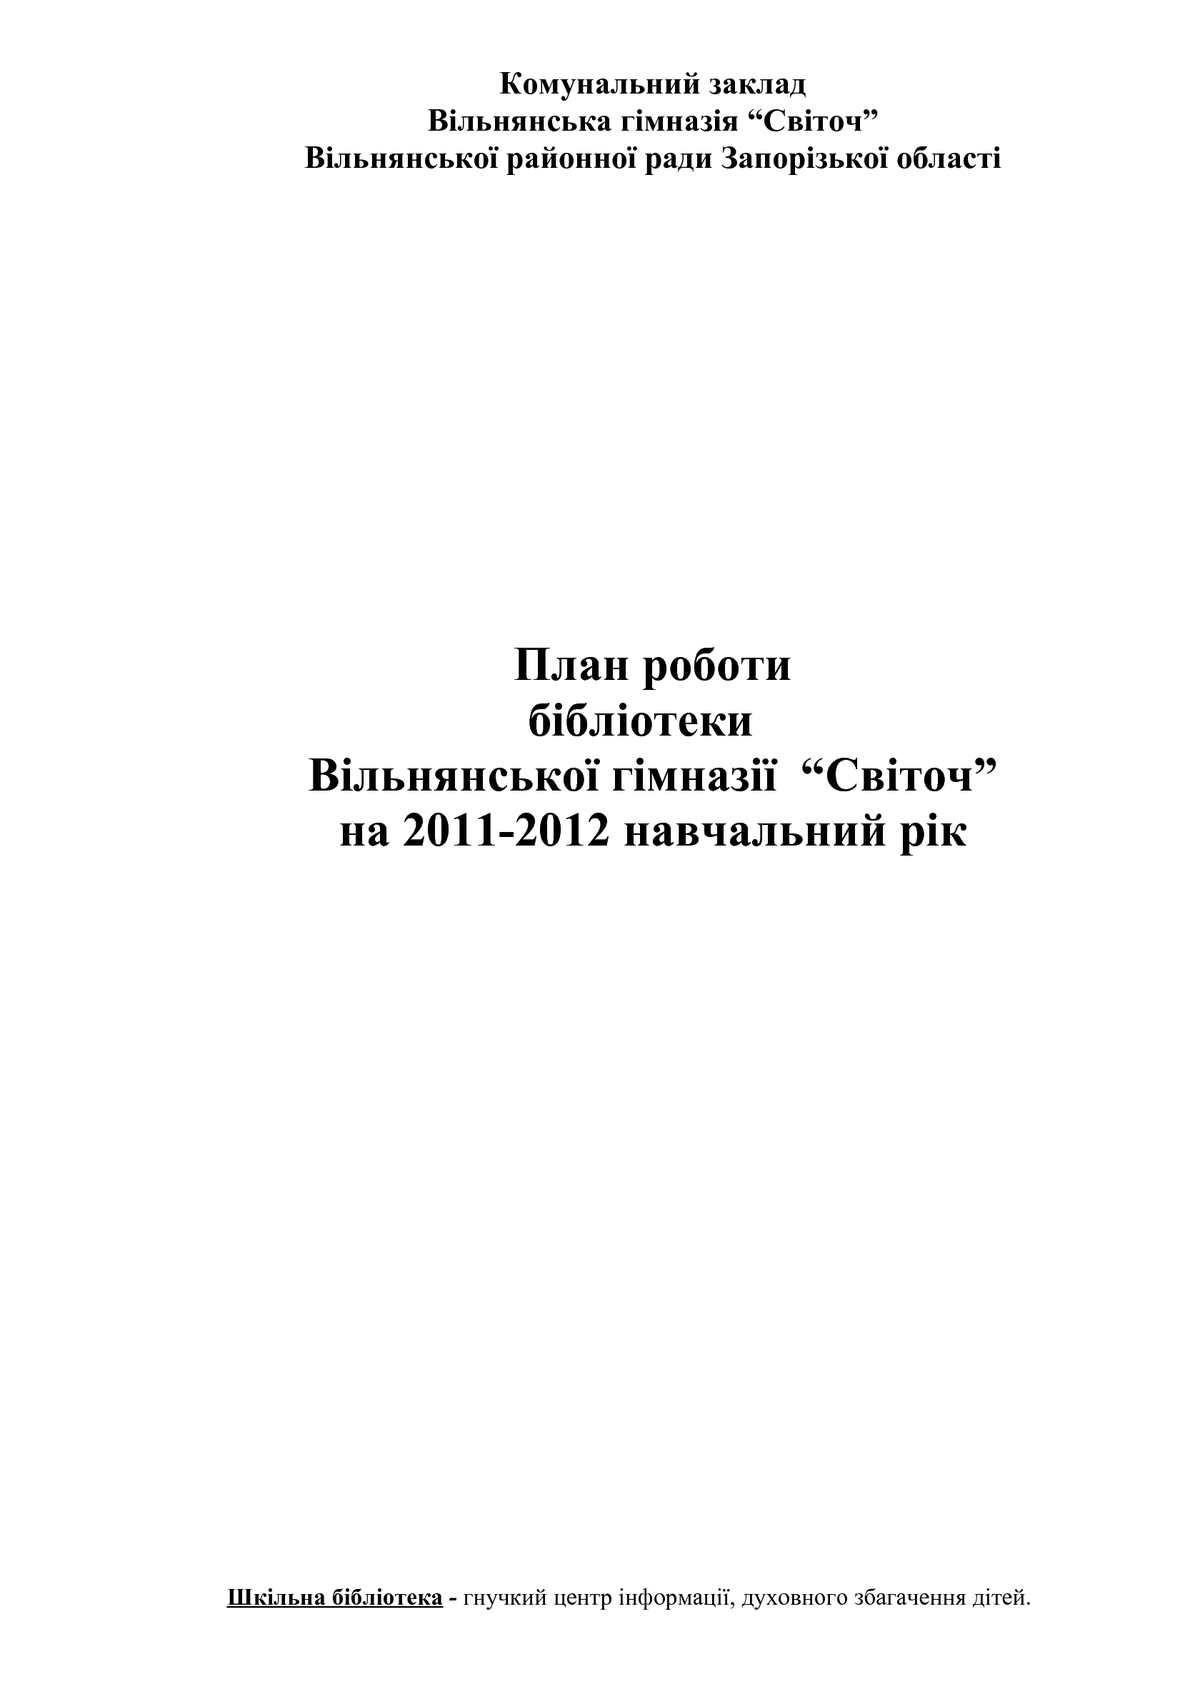 """План роботи 2011 шкільної бібліотеки Вільнянської гімназії """"Світоч"""""""